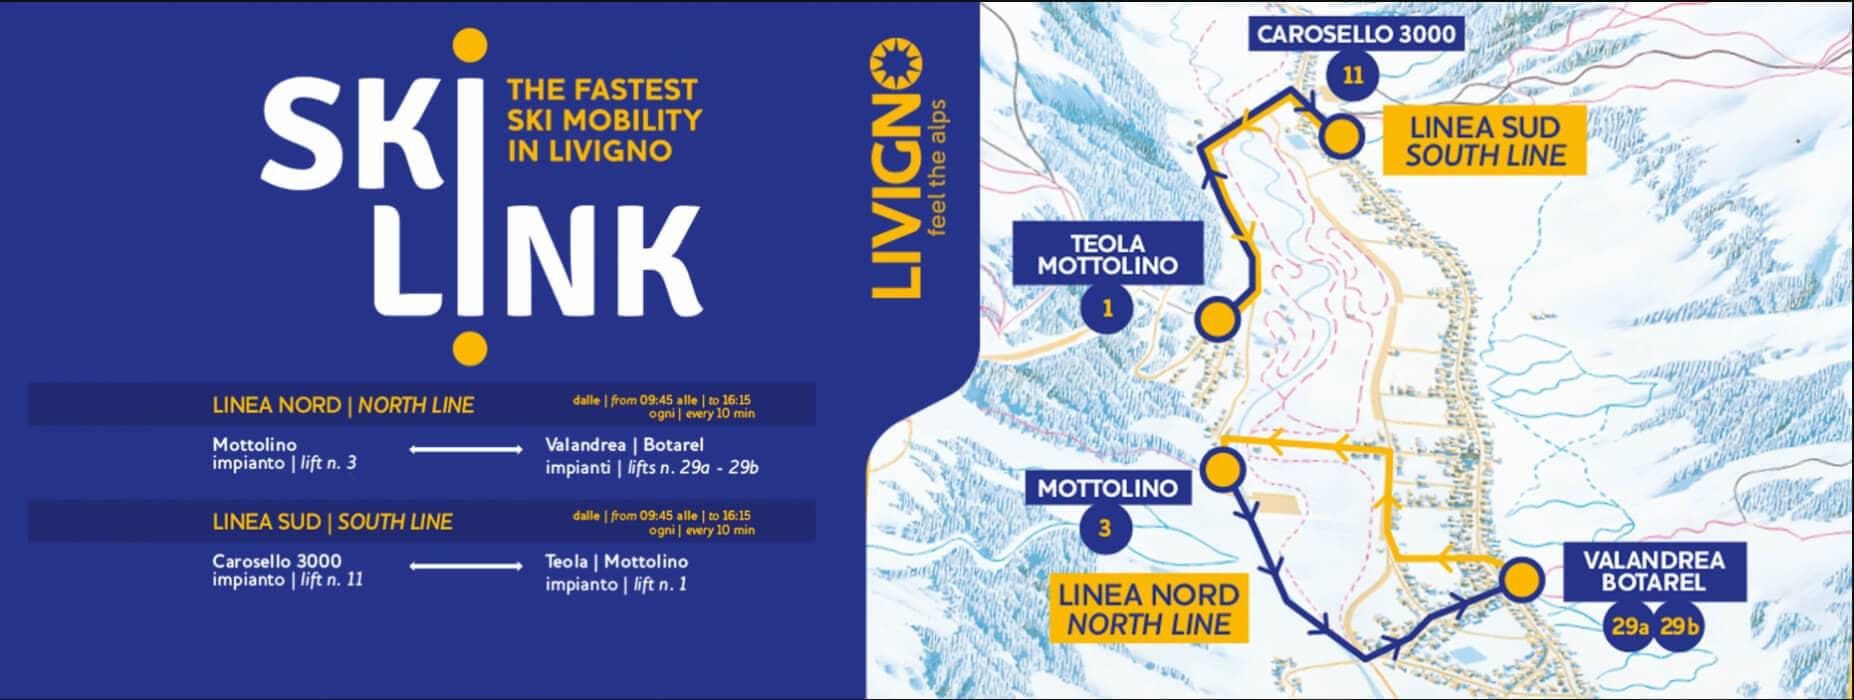 Percorso e orari Skilink, navetta gratuita per sciatori a Livigno